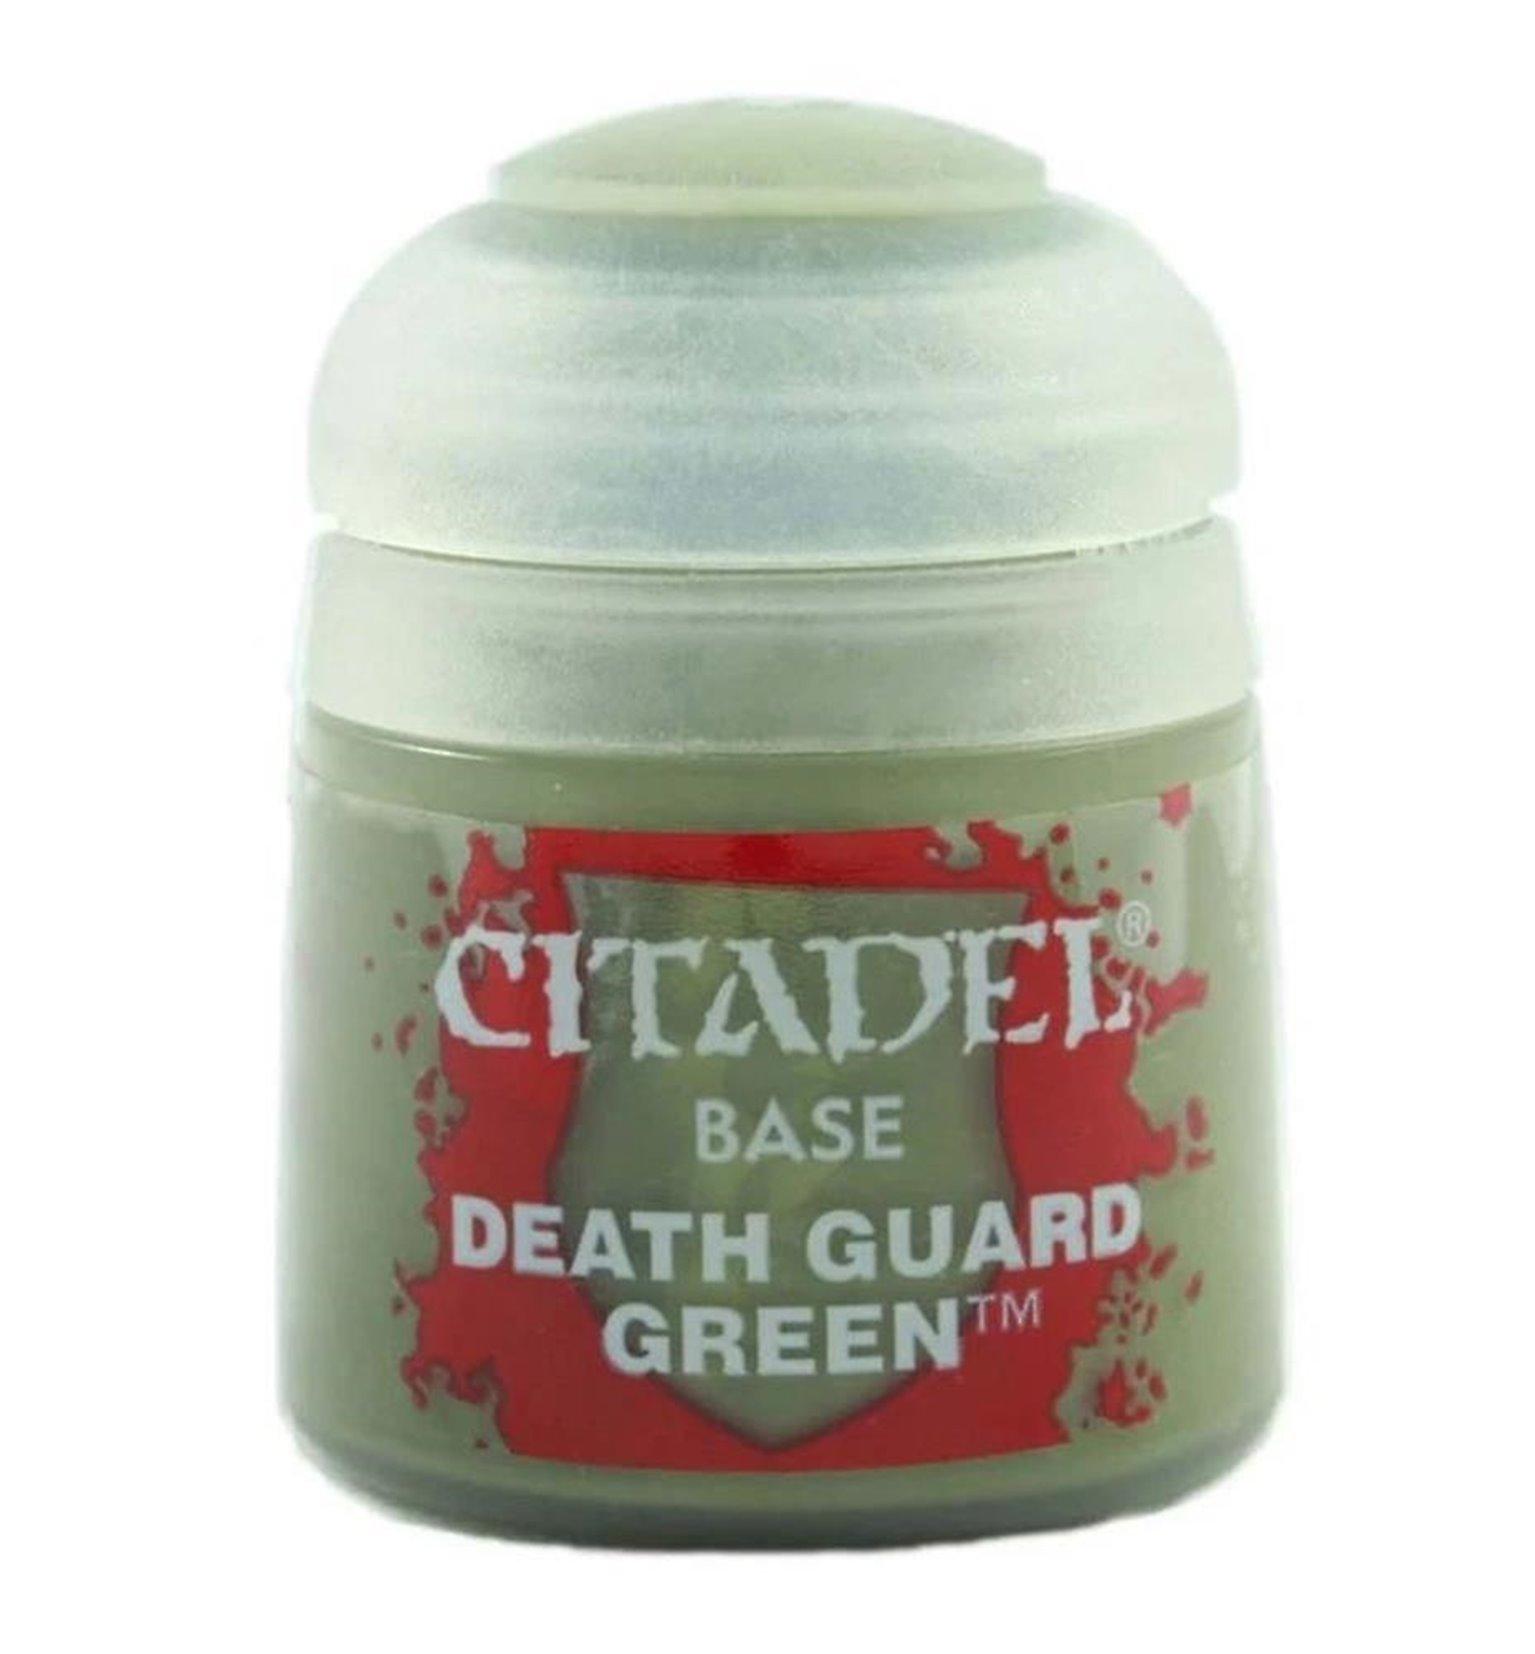 CITADEL BASE Death Guard Green PAINT POT